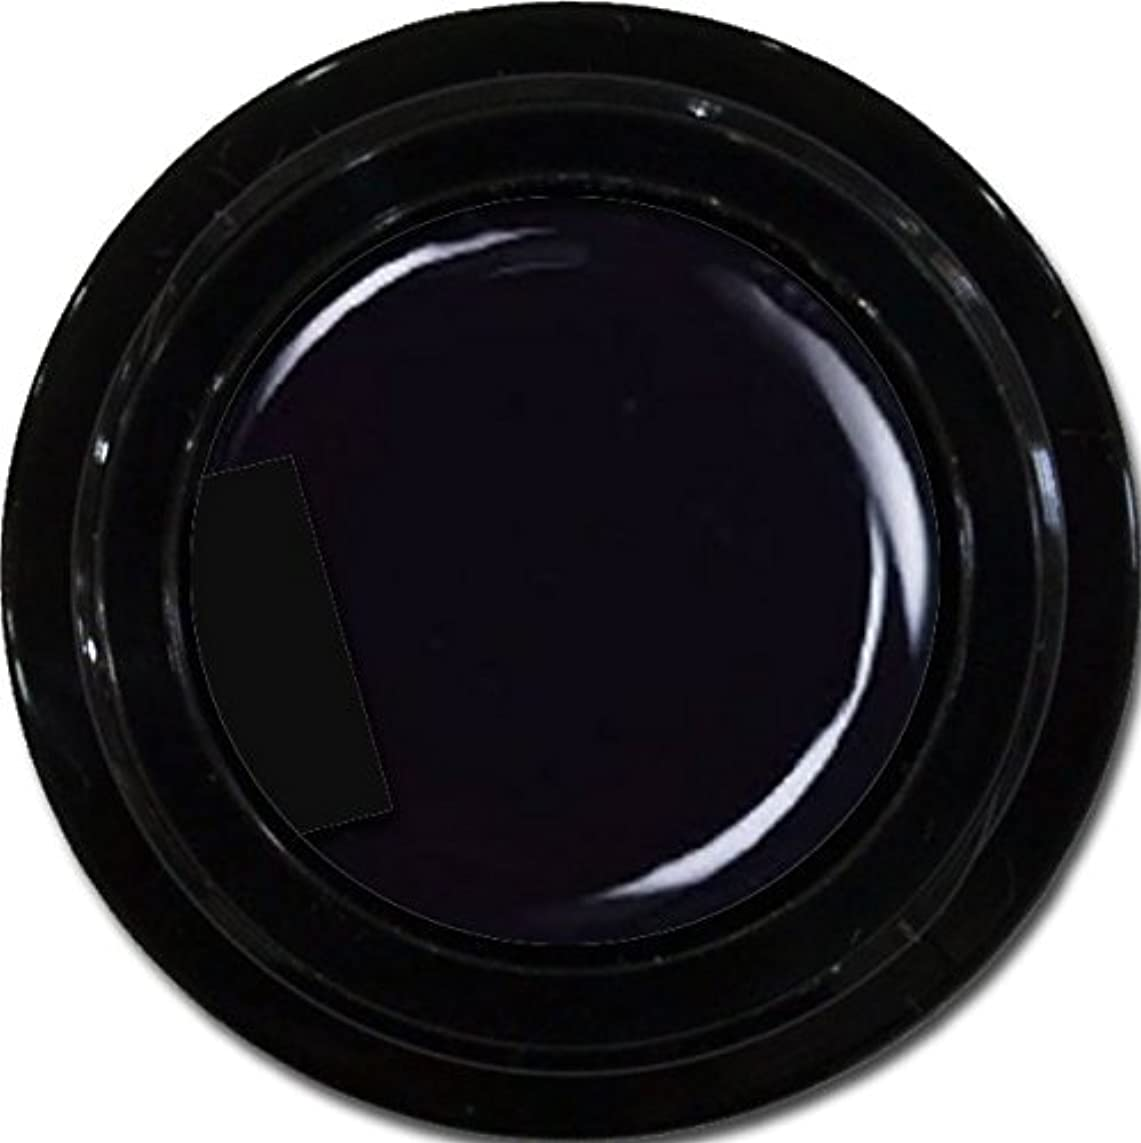 ネズミ測るガロンカラージェル enchant color gel M901 Extreme Black 3g/マットカラージェル M901 エクストリームブラック 3グラム